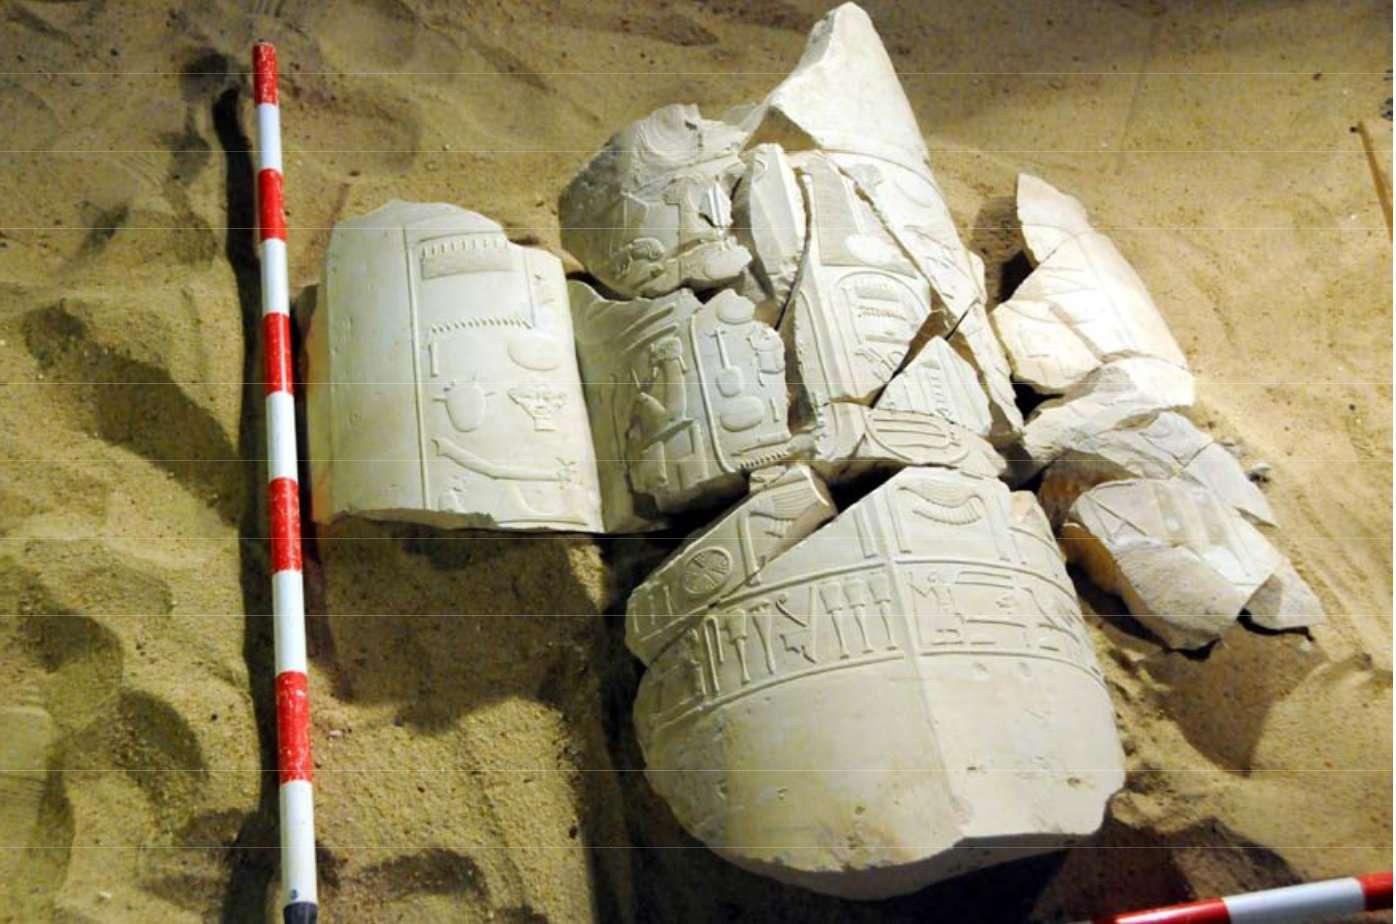 Le nom d'Amenhotep IV, qui deviendra Akhenaton, figure dans ce tombeau découvert à Louxor, aux côtés du cartouche royal de son père, Amenhotep III. Pour l'équipe égypto-espagnole qui a fait cette découverte, c'est la preuve que le père et le fils ont régné ensemble un certain temps. © MSA (Ministry of State for Antiquities)